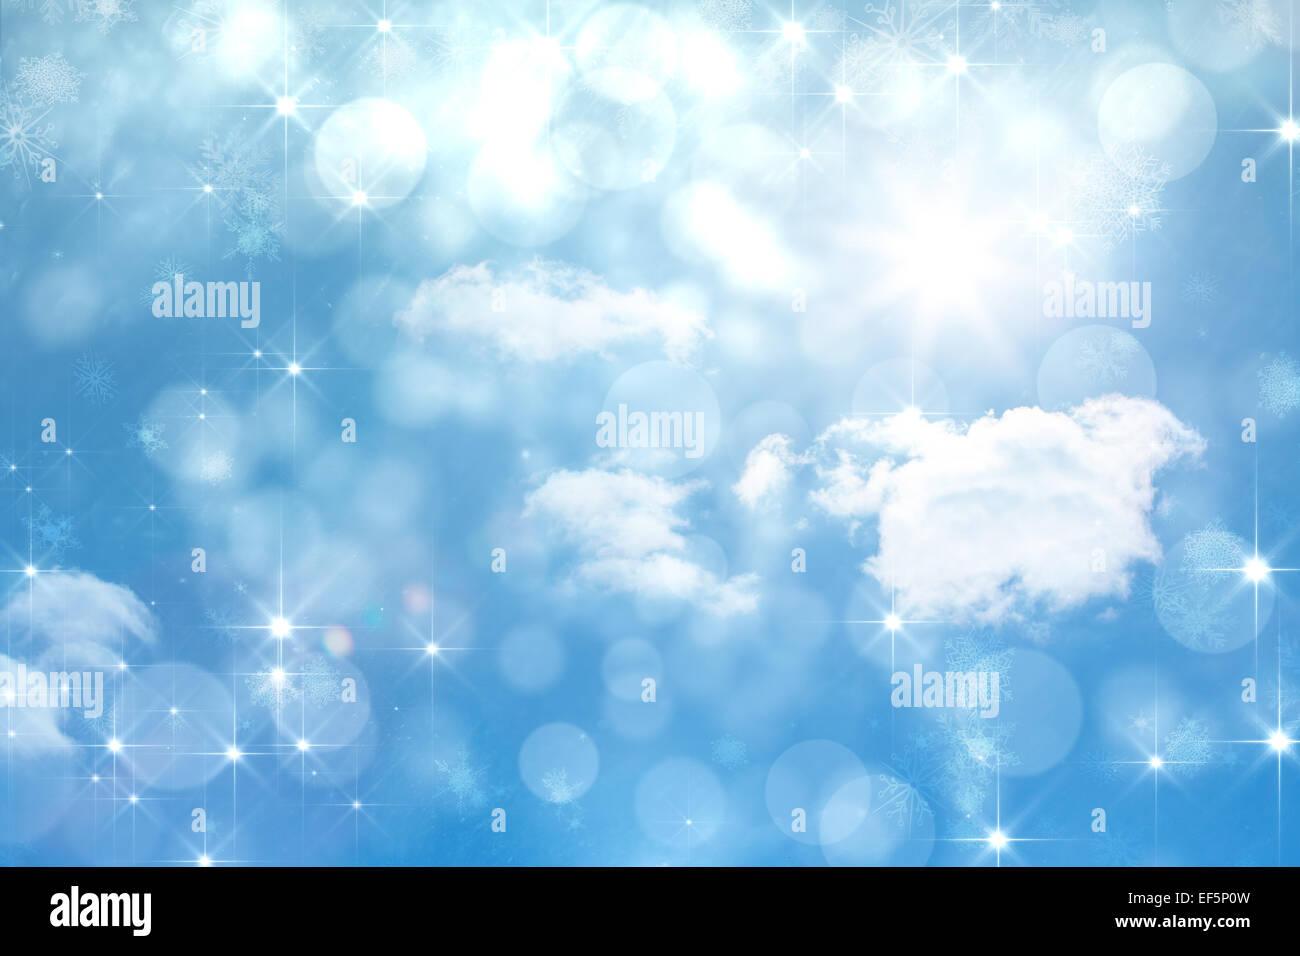 Composite image of shimmering light design on blue - Stock Image